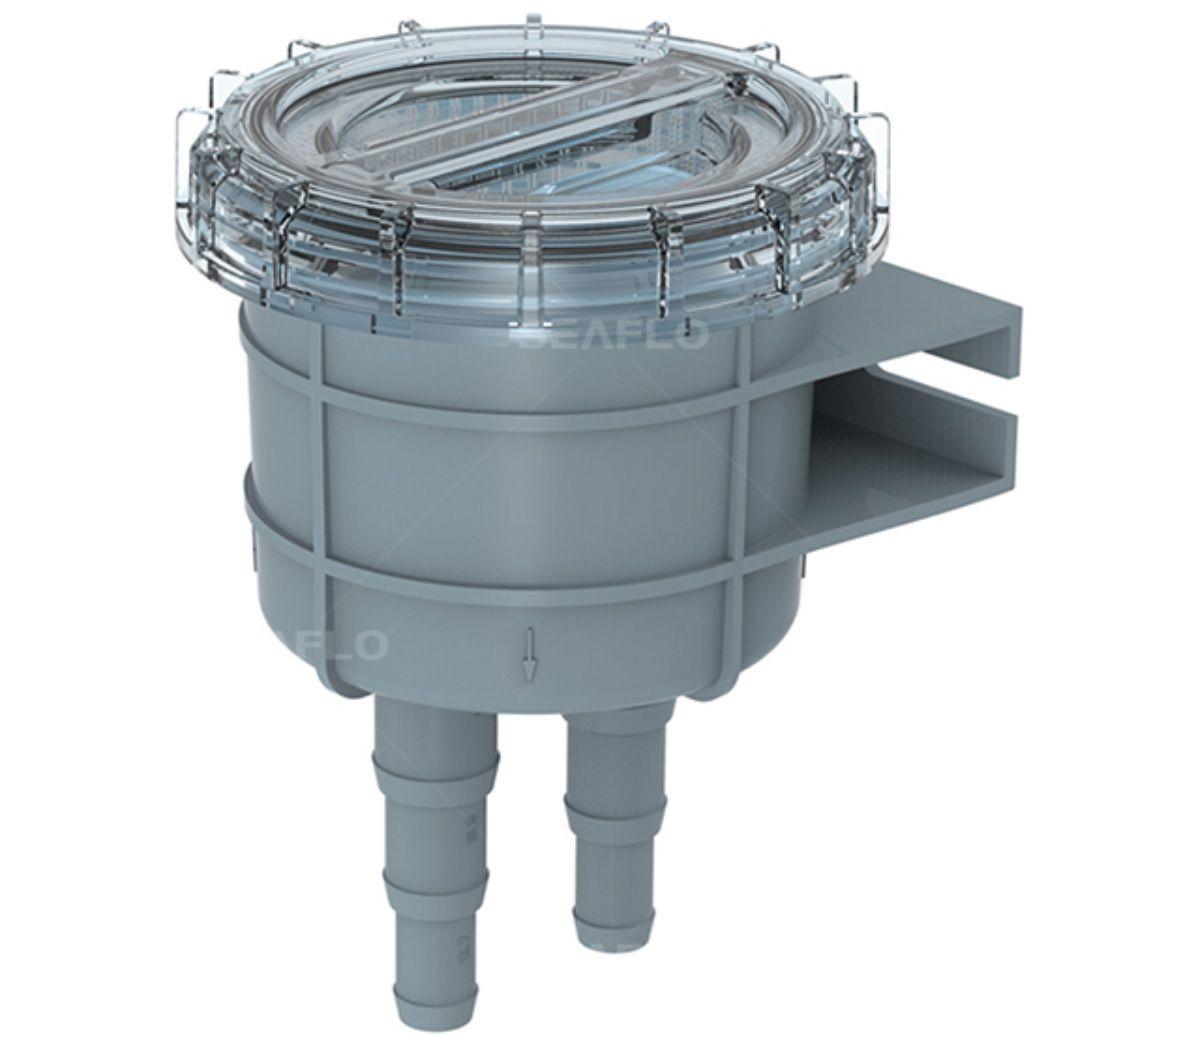 Filtro de Água p/ Entrada de Bomba de Água Doce ou Salgada 151x108mm Seaflo SF-SWF002 p/ Barcos